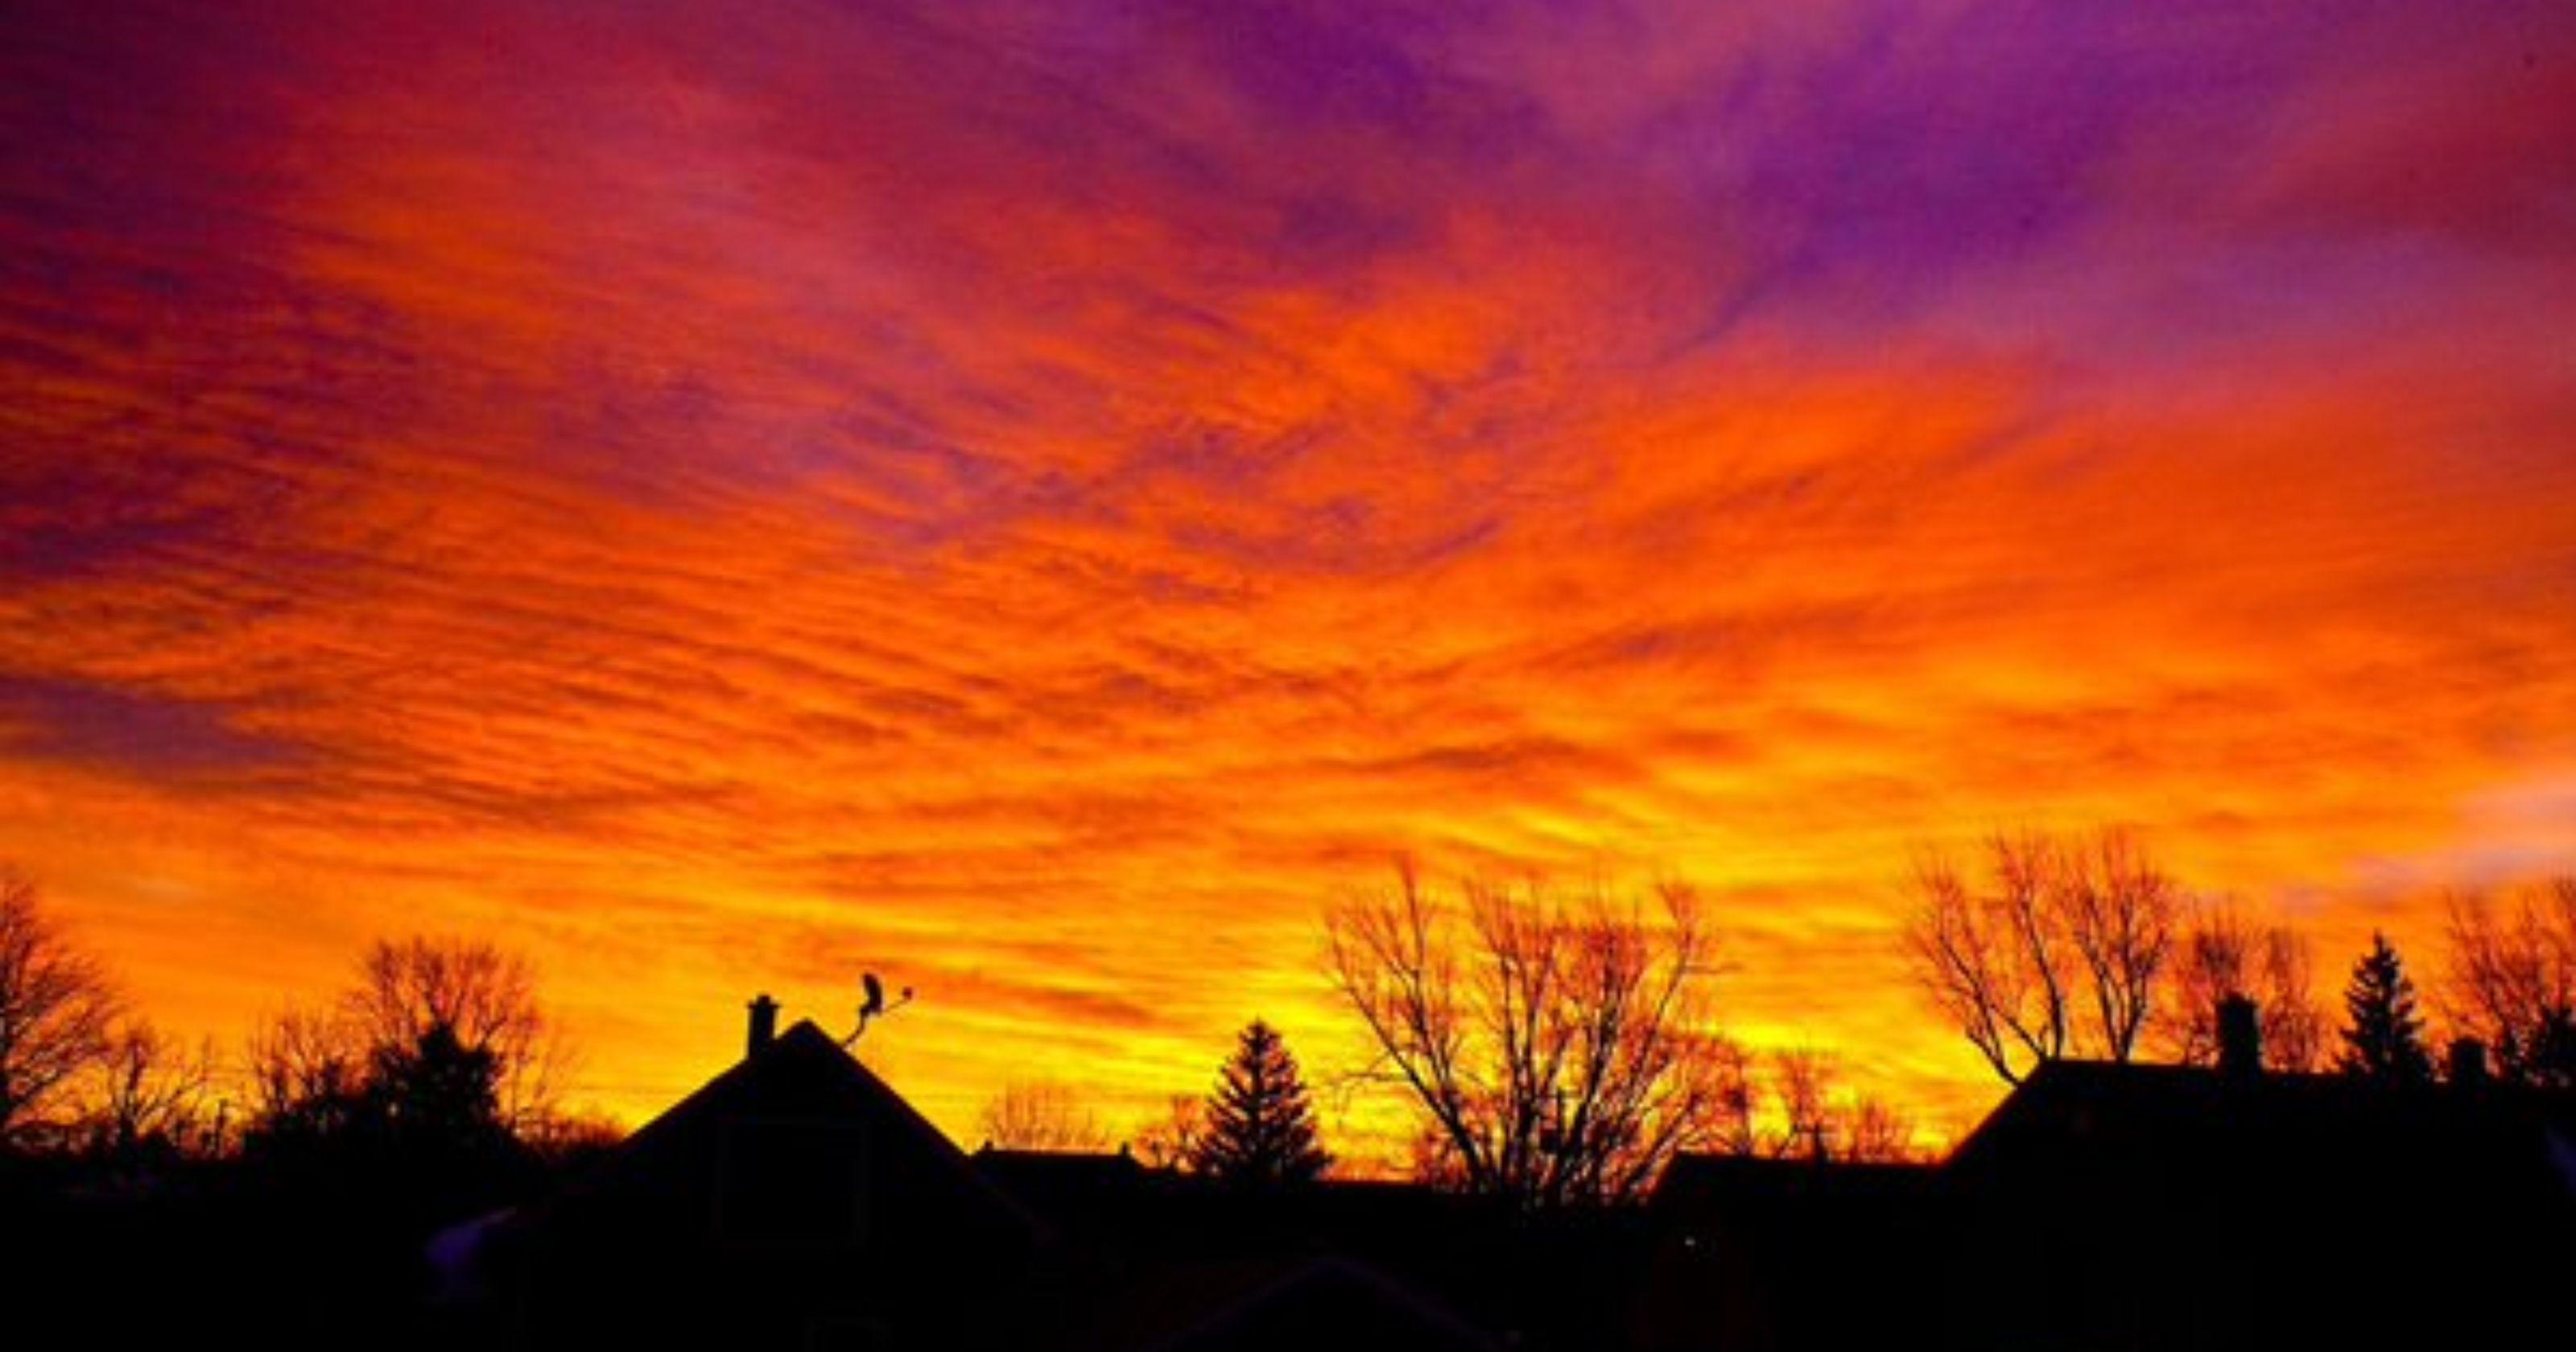 Sunrise in WNY 01/08/16